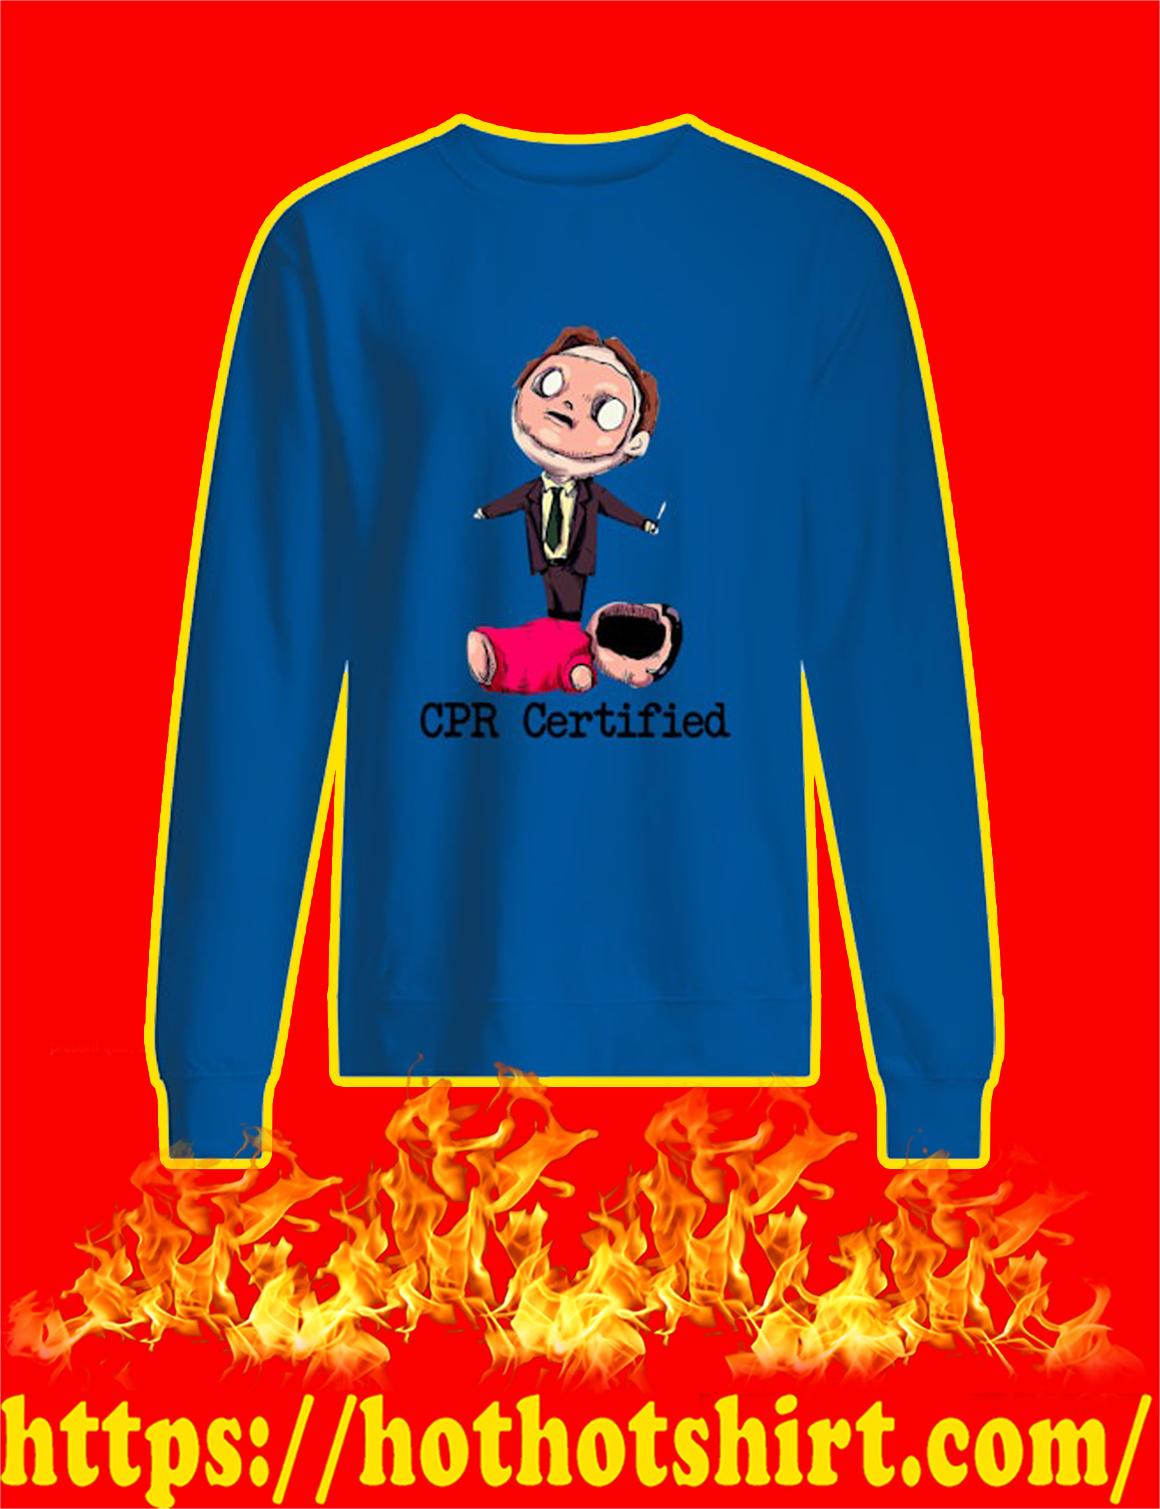 Dwight CPR Certified The Office sweatshirt